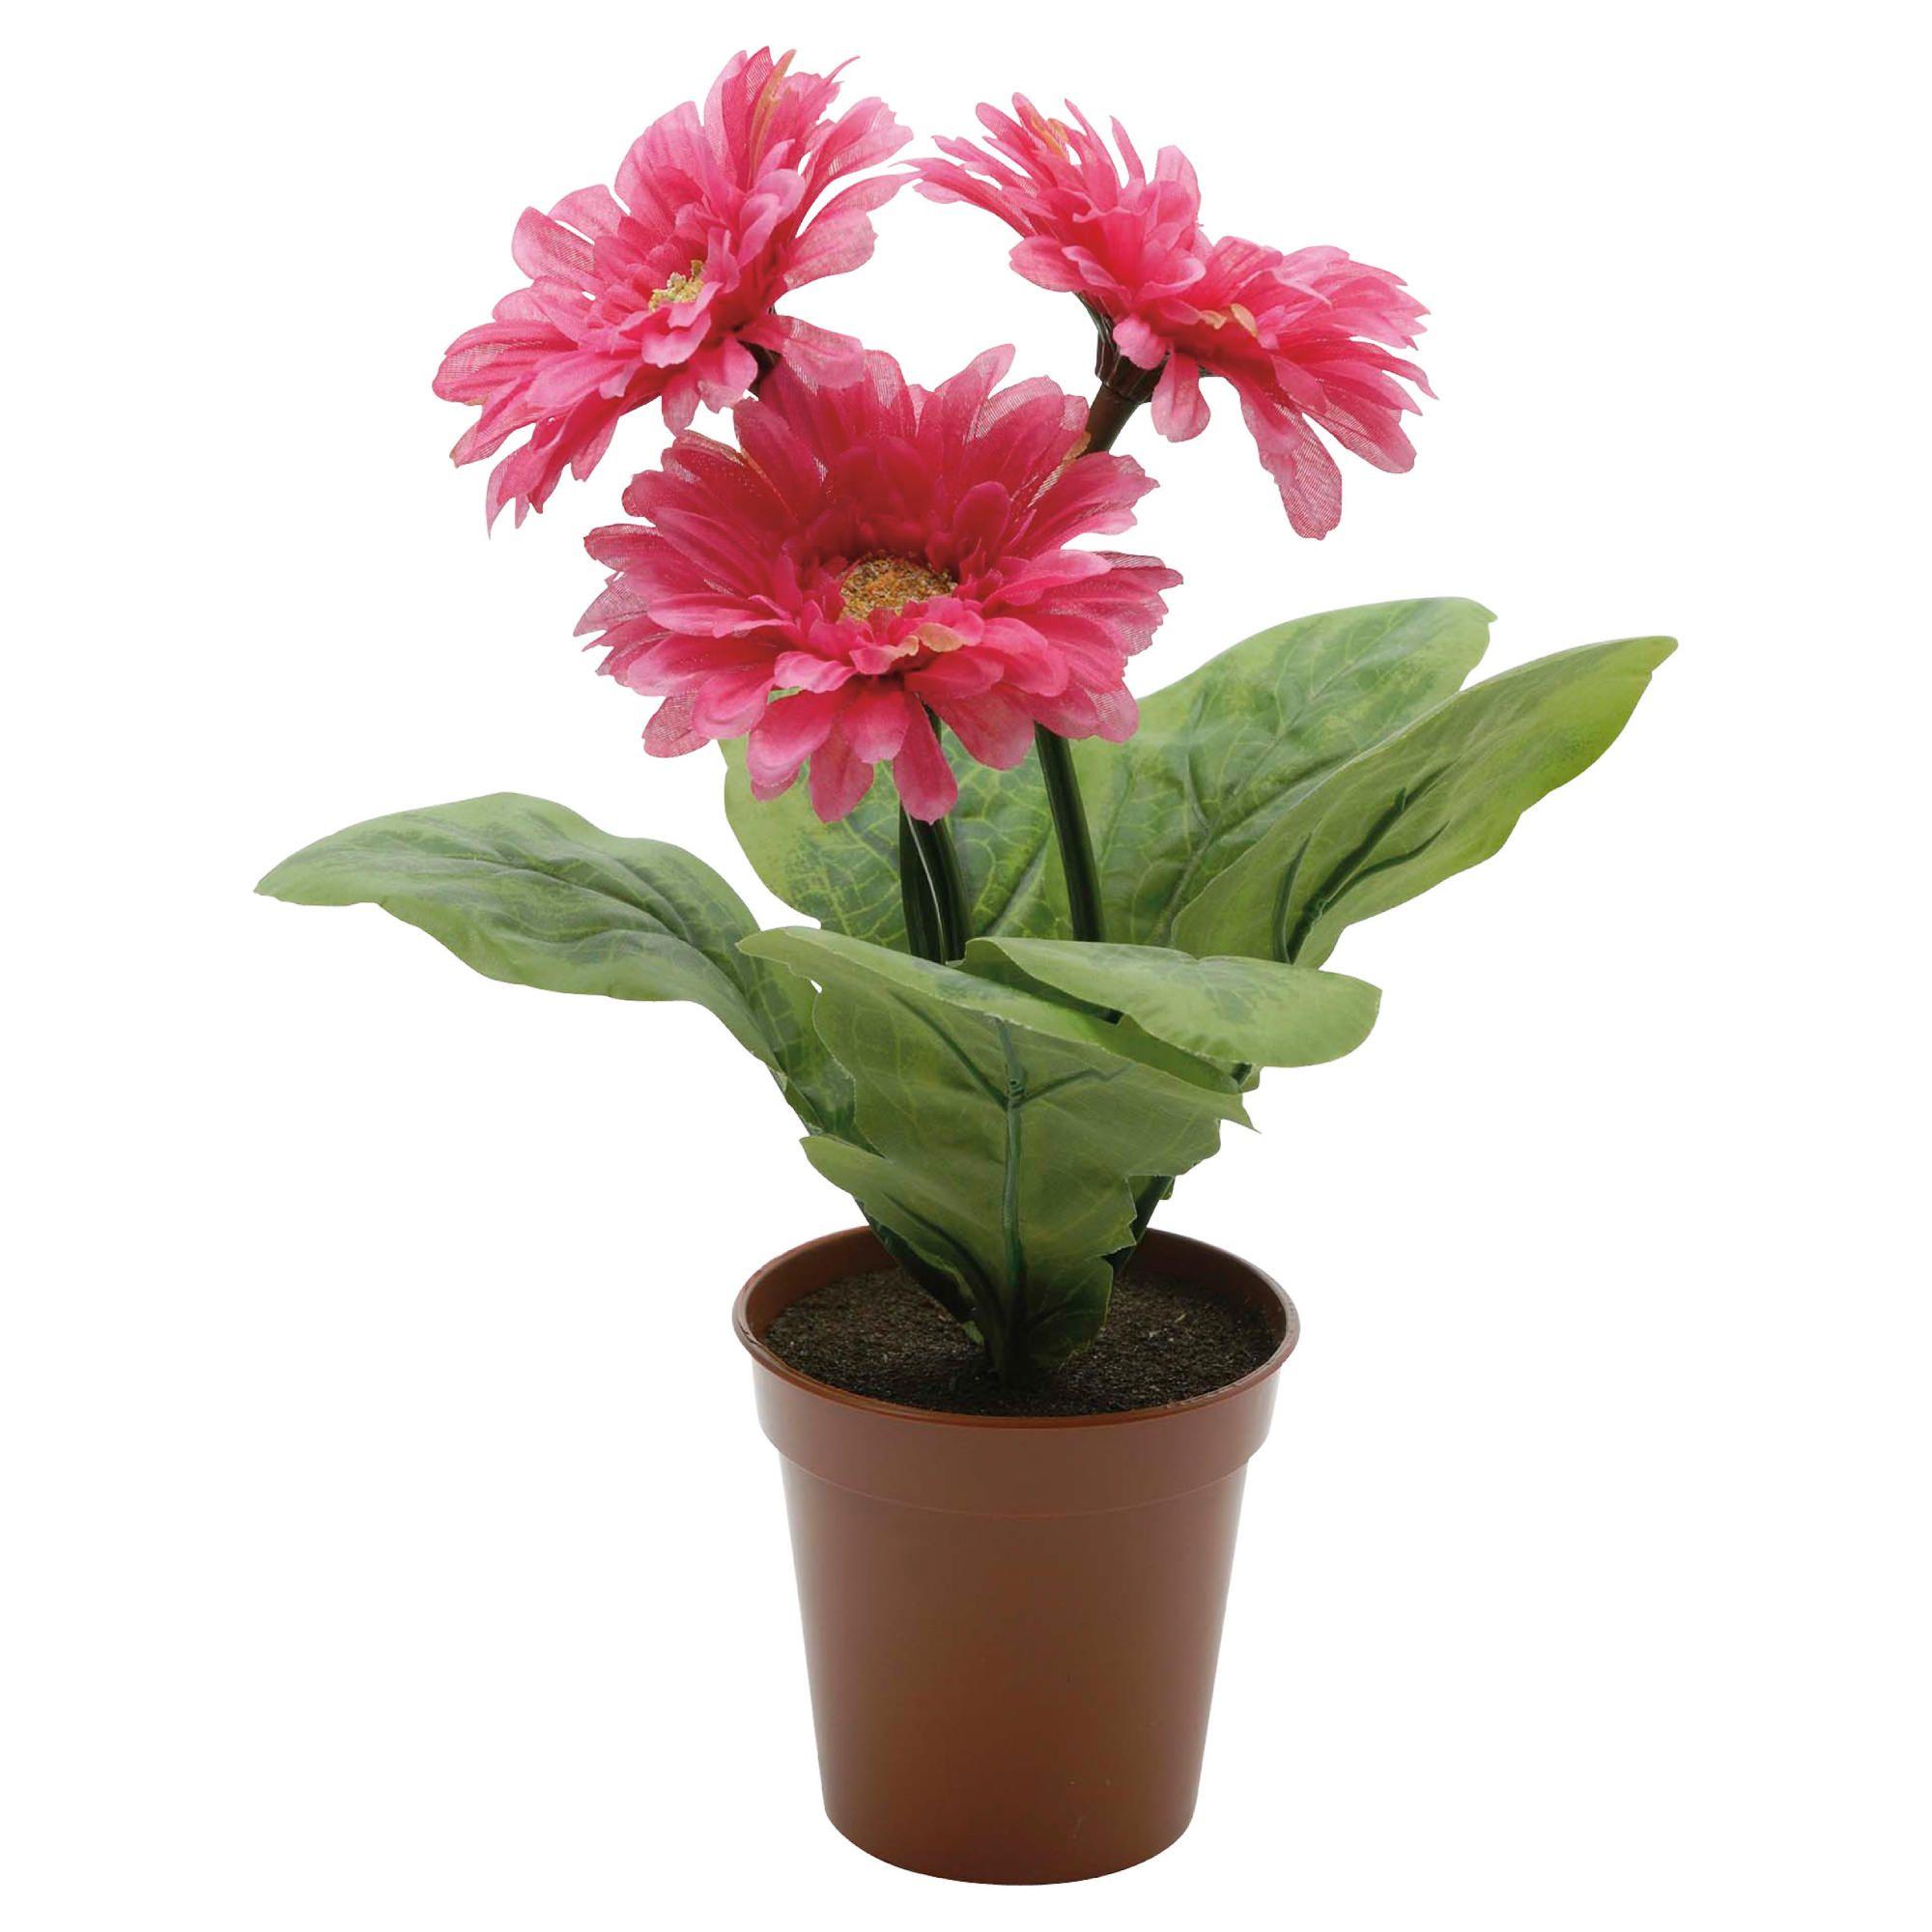 Комнатные цветы гузмания: уход в домашних условиях с фото 11